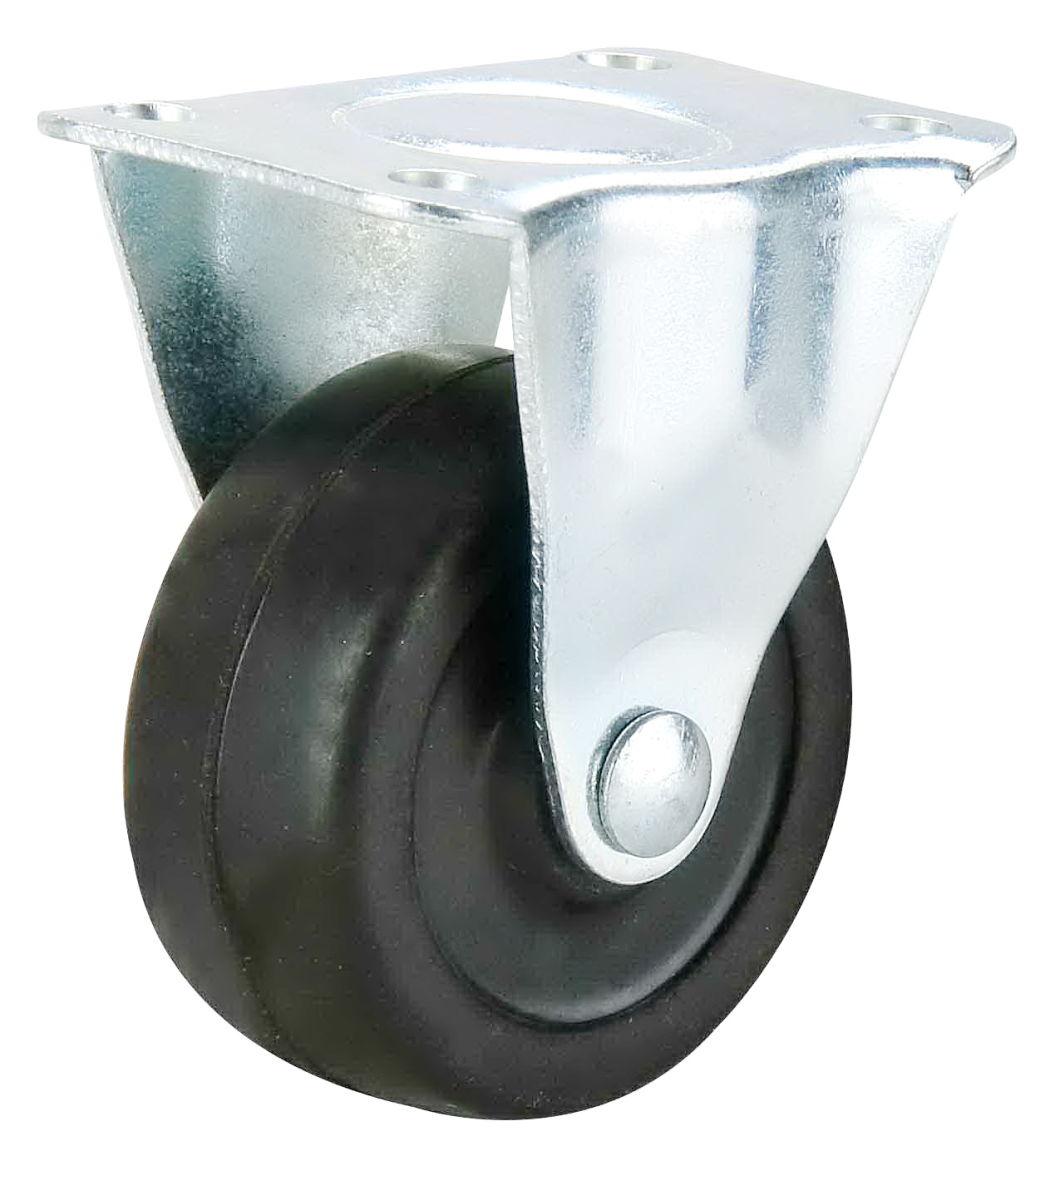 2 1/2 Inch Light Duty Hard Rubber Swivel Castor